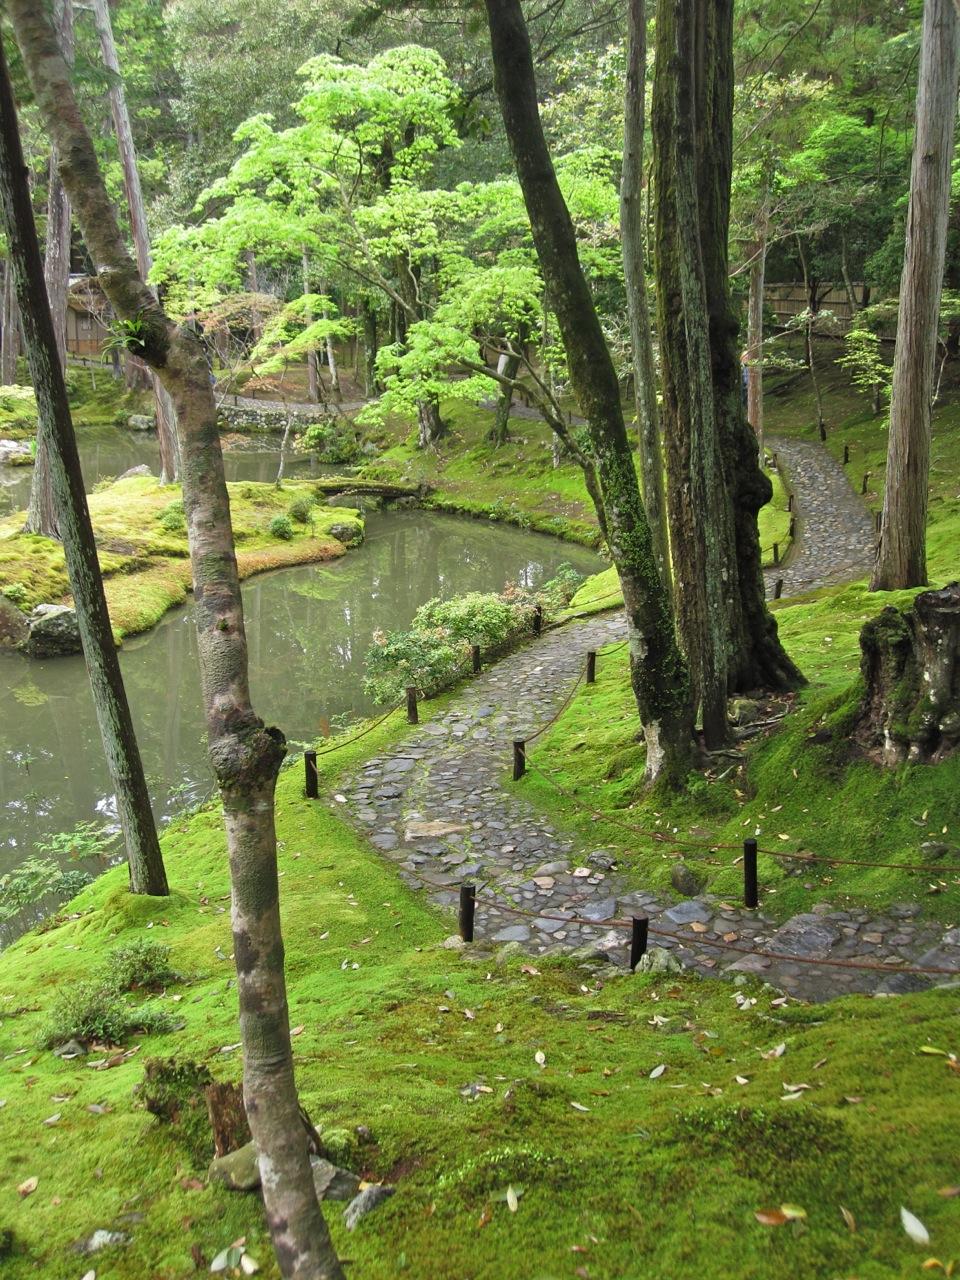 Saihoji moss garden of kyoto christopher knits - Moosgarten kyoto ...